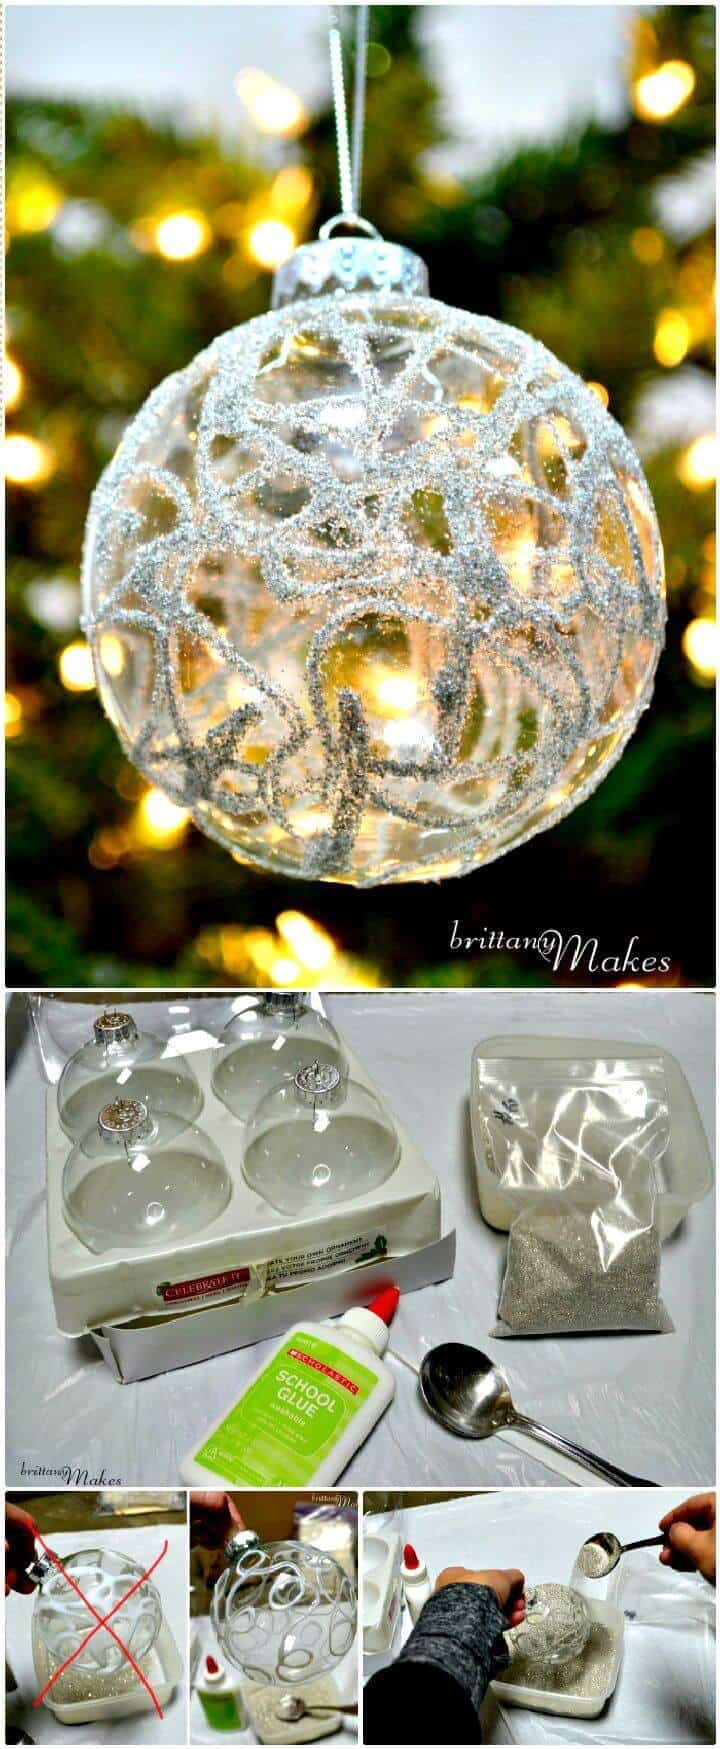 Adornos navideños brillantes de bricolaje